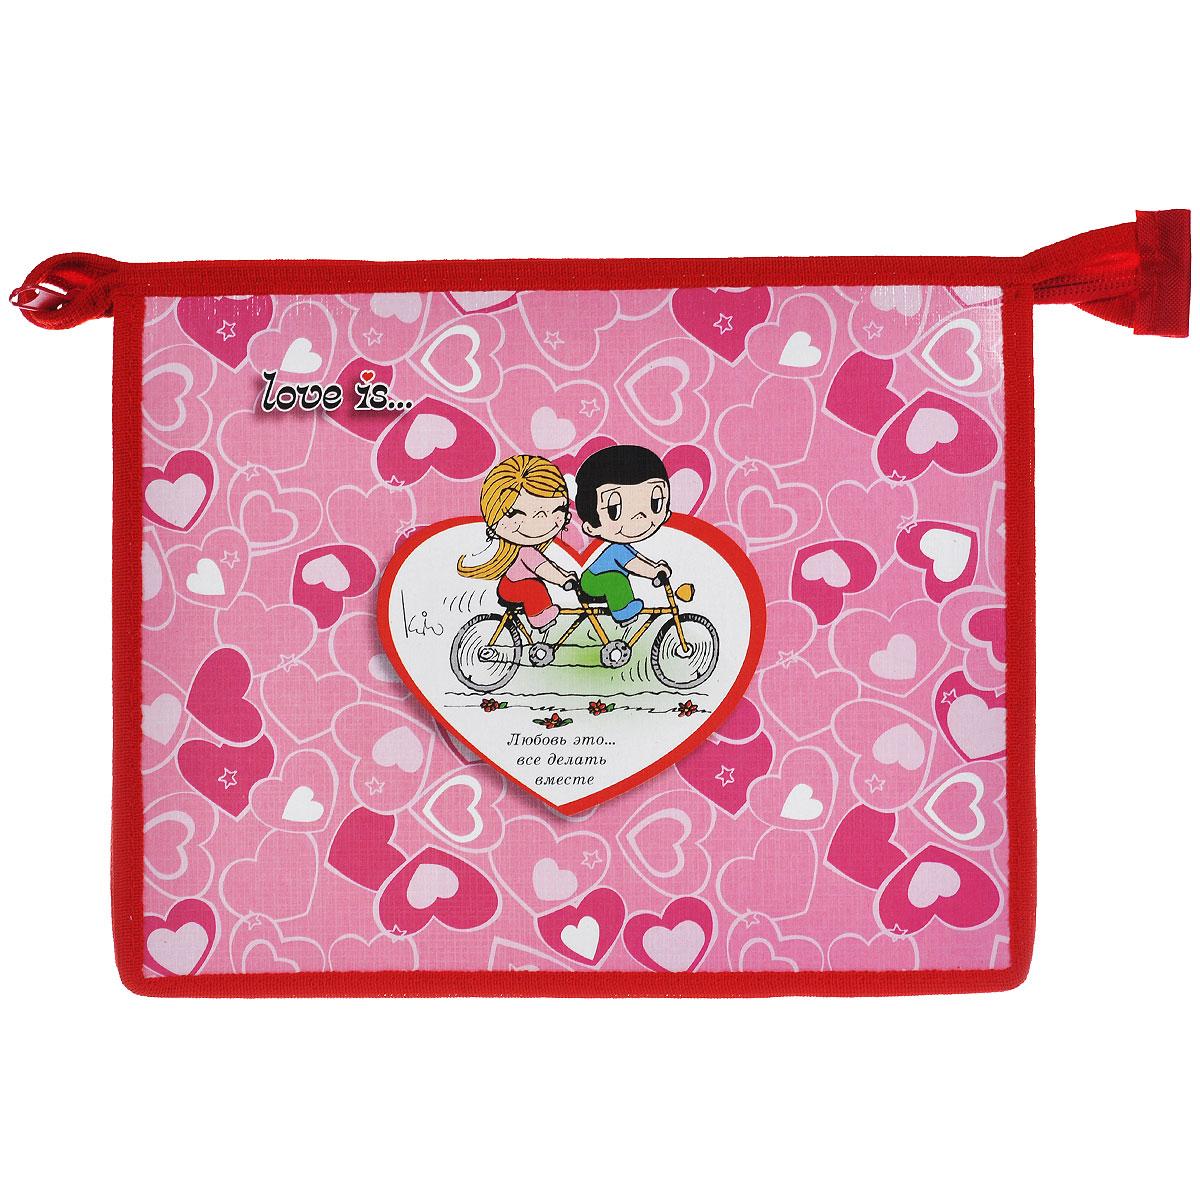 Action! Папка для тетрадей Love is цвет розовый красный C37674/LI-FZA5-1AC-1121RDПапка Action! Love is предназначена для хранения тетрадей, рисунков и прочих бумаг с максимальным форматом А5. Папка выполнена из картона и ПВХ и содержит одно отделение. Закрывается она на застежку-молнию. Лицевая сторона папки оформлена изображениями двух влюбленных и надписью Любовь это... все делать вместе.С папкой Action! Love is тетради вашего ребенка всегда будут выглядеть опрятно.